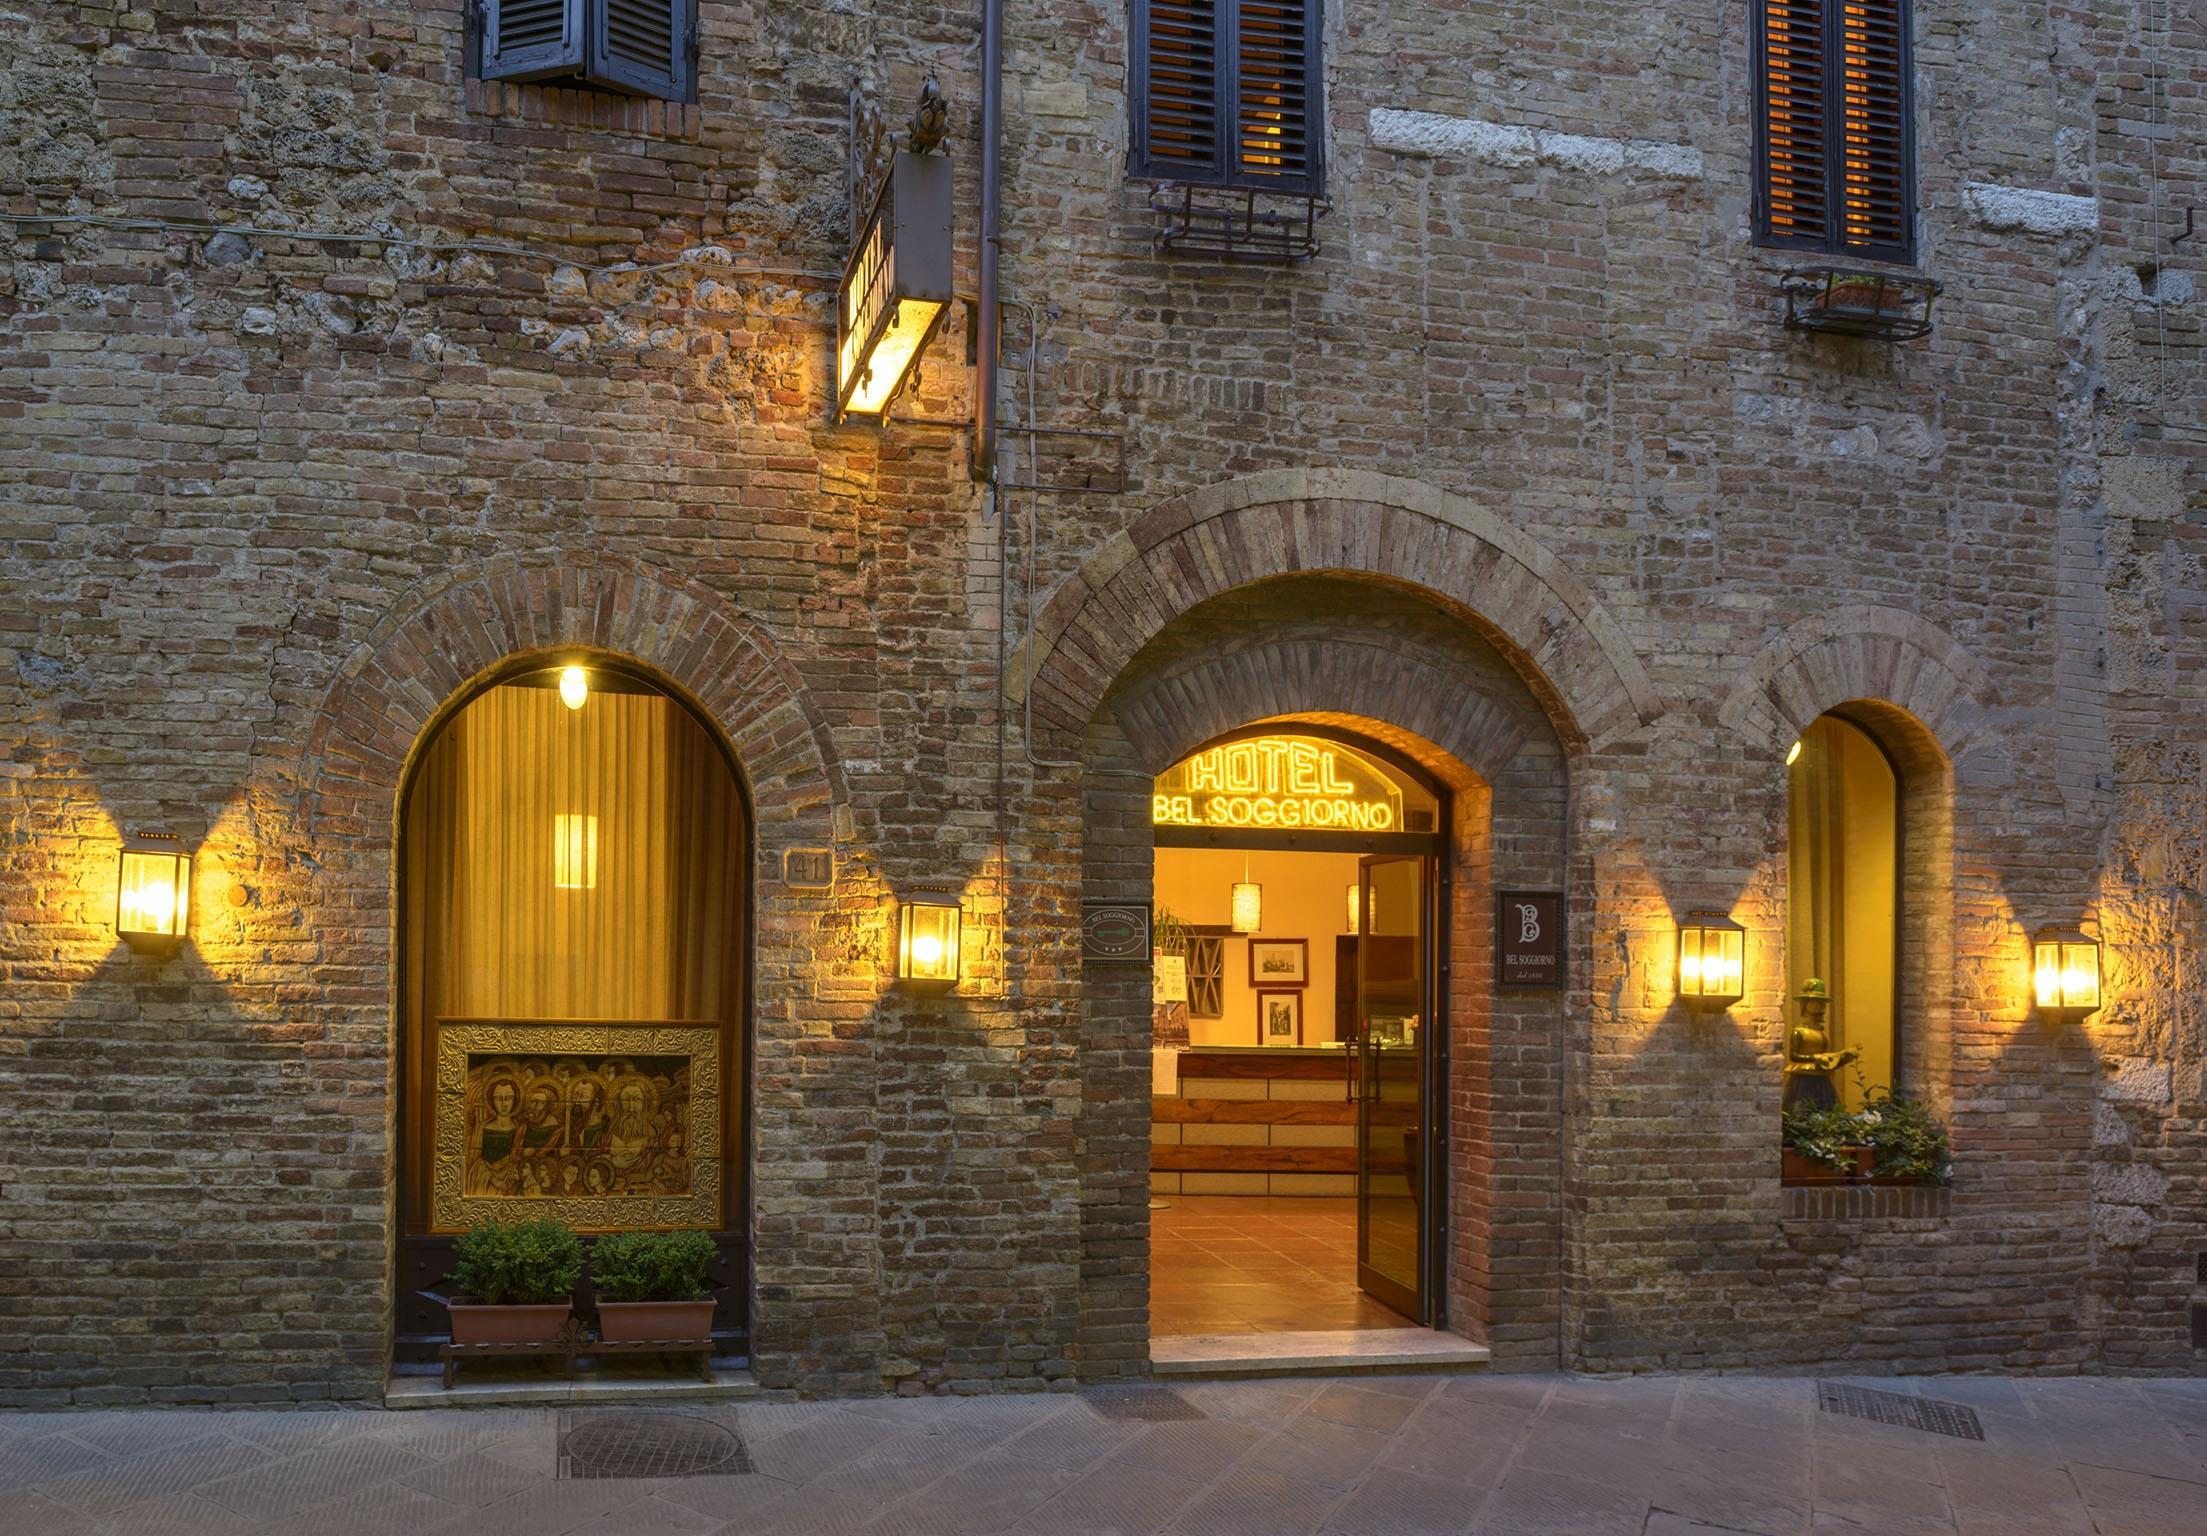 Hotel Bel Soggiorno - San Gimignano (SI) - Official ...